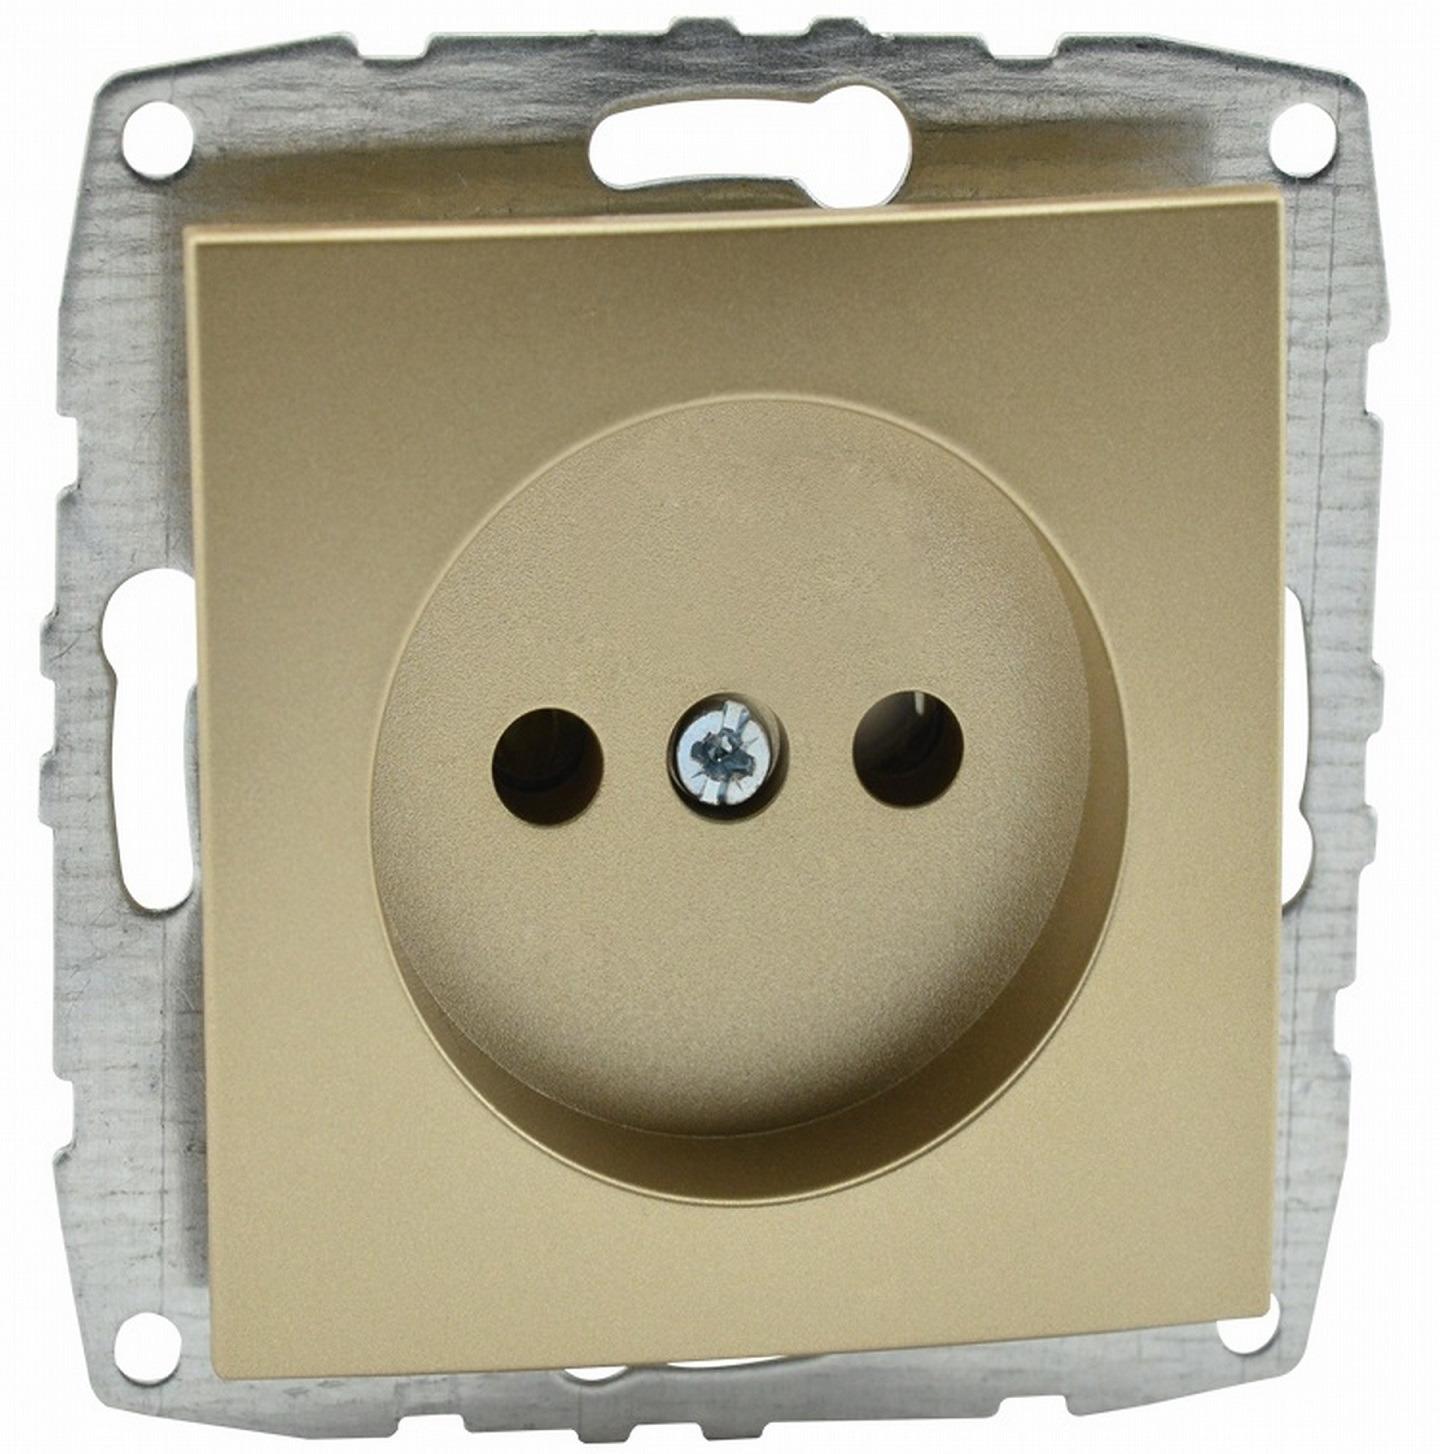 Розетка Mono D/L без заземления титан (механизм) 500-002222-116 фото